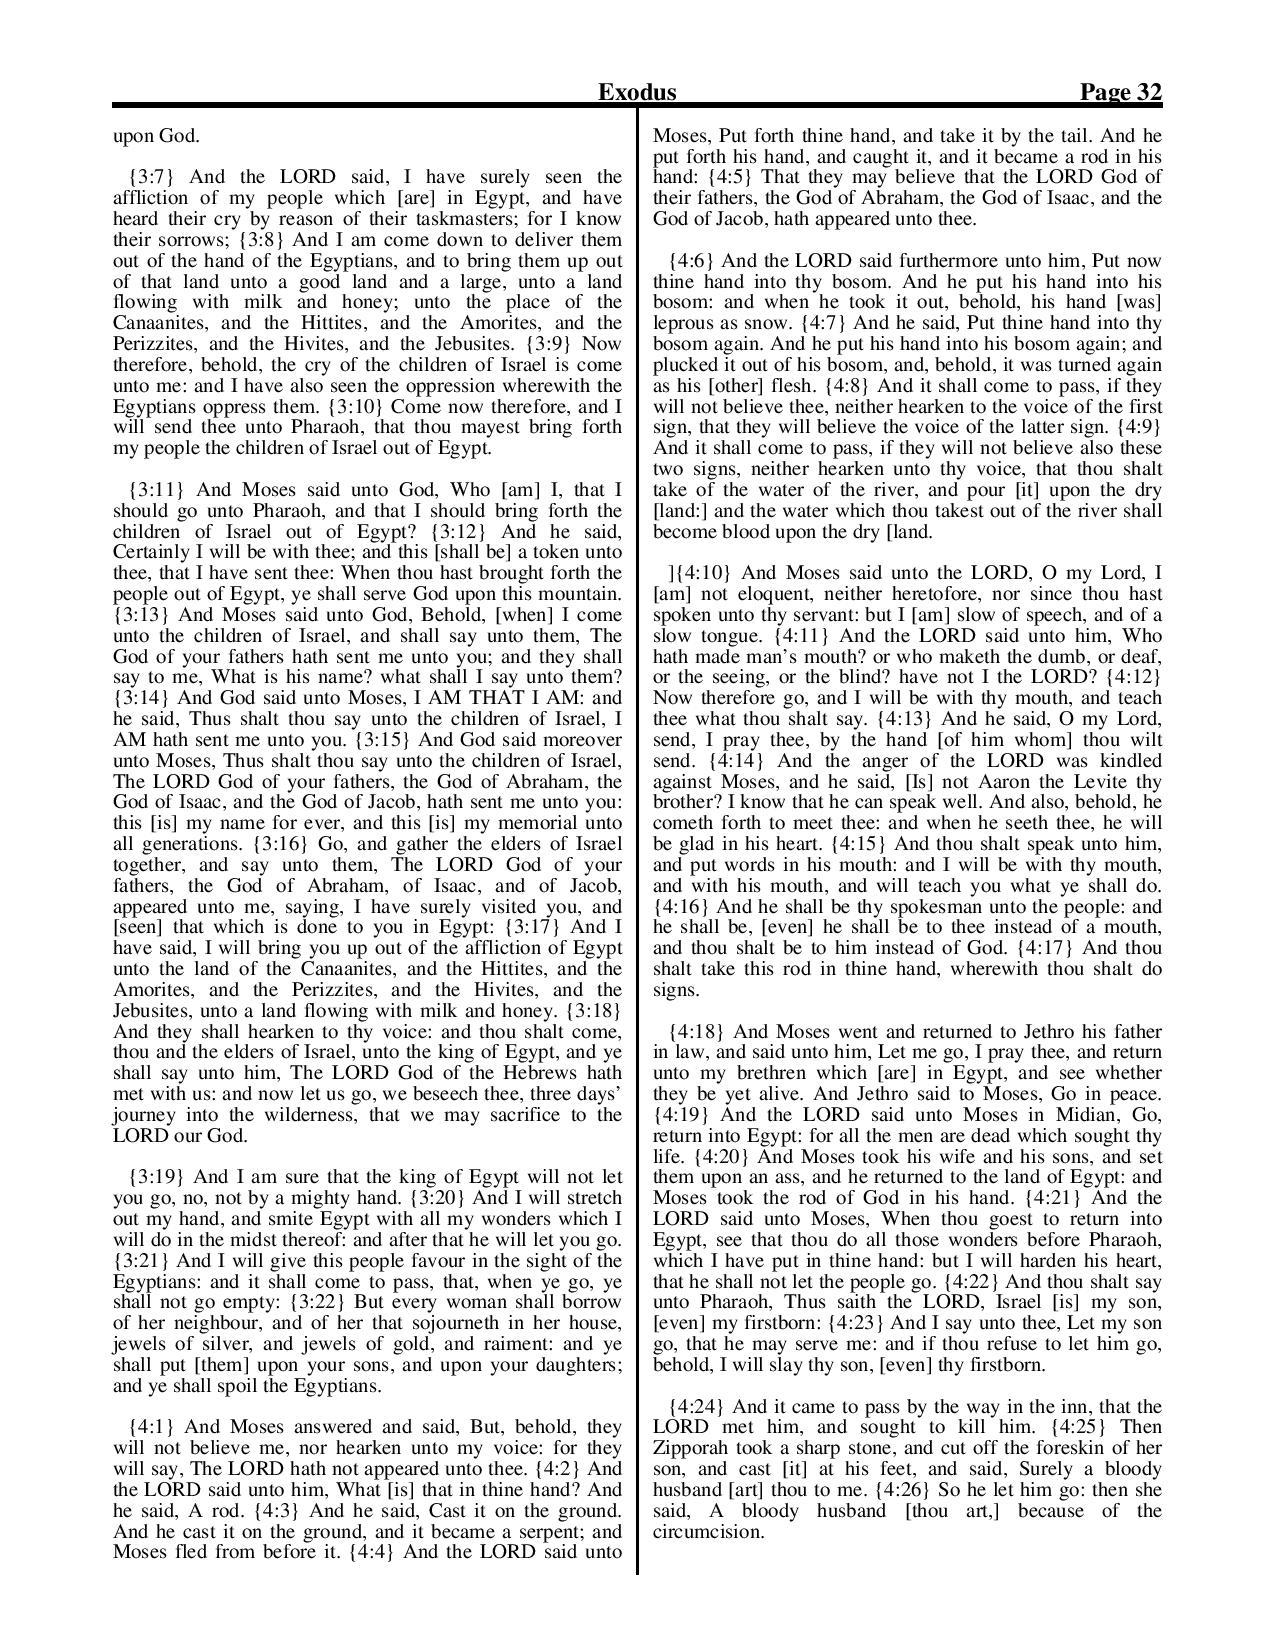 King-James-Bible-KJV-Bible-PDF-page-053